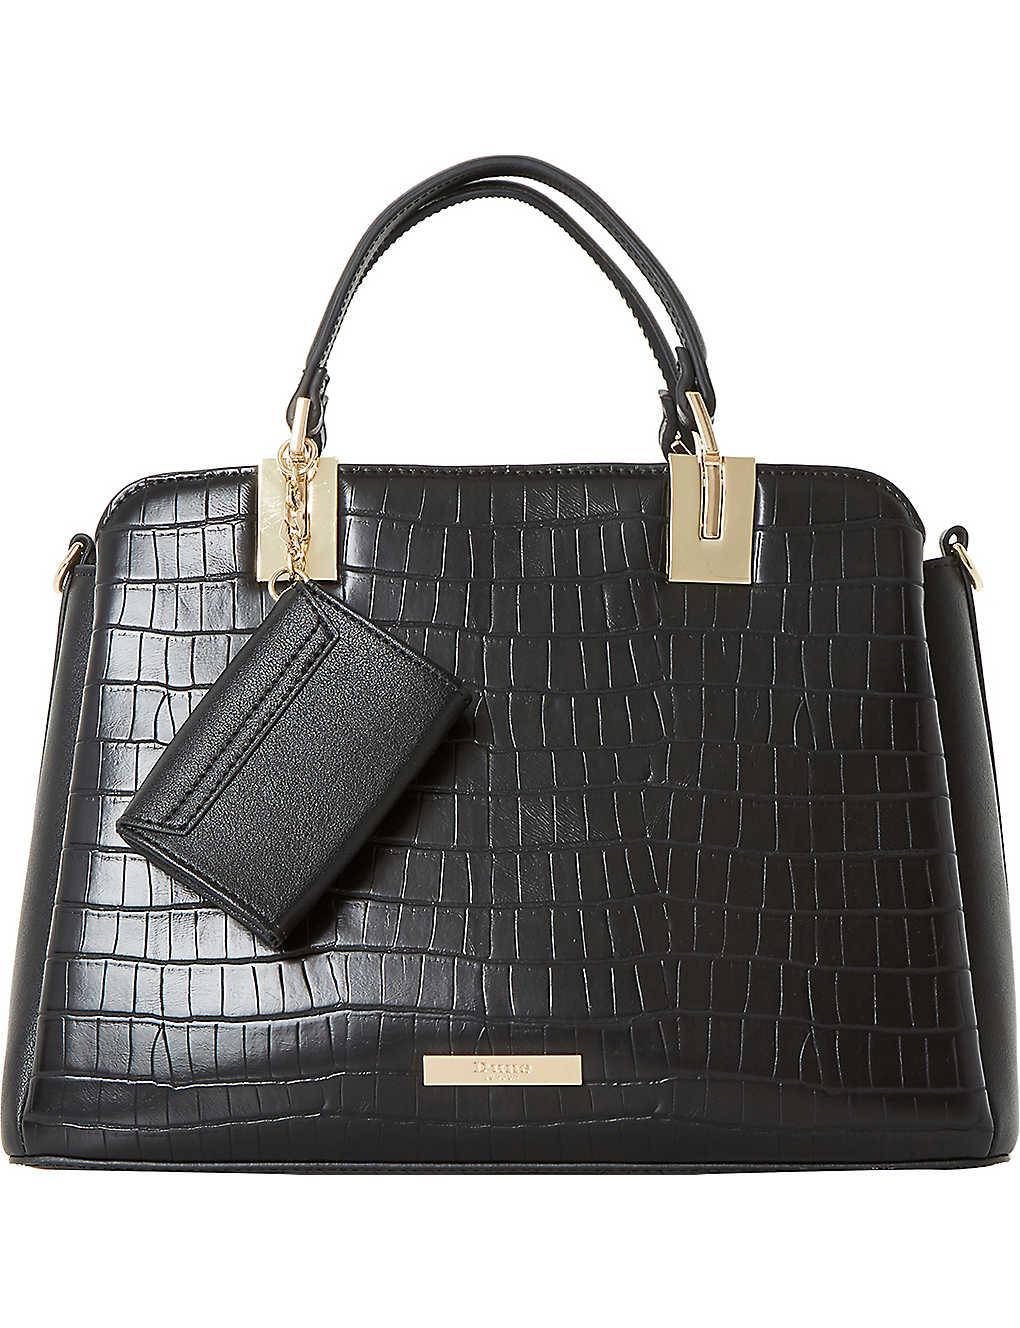 cde0765c3c232 DUNE - Dillier reptile-effecy grab bag